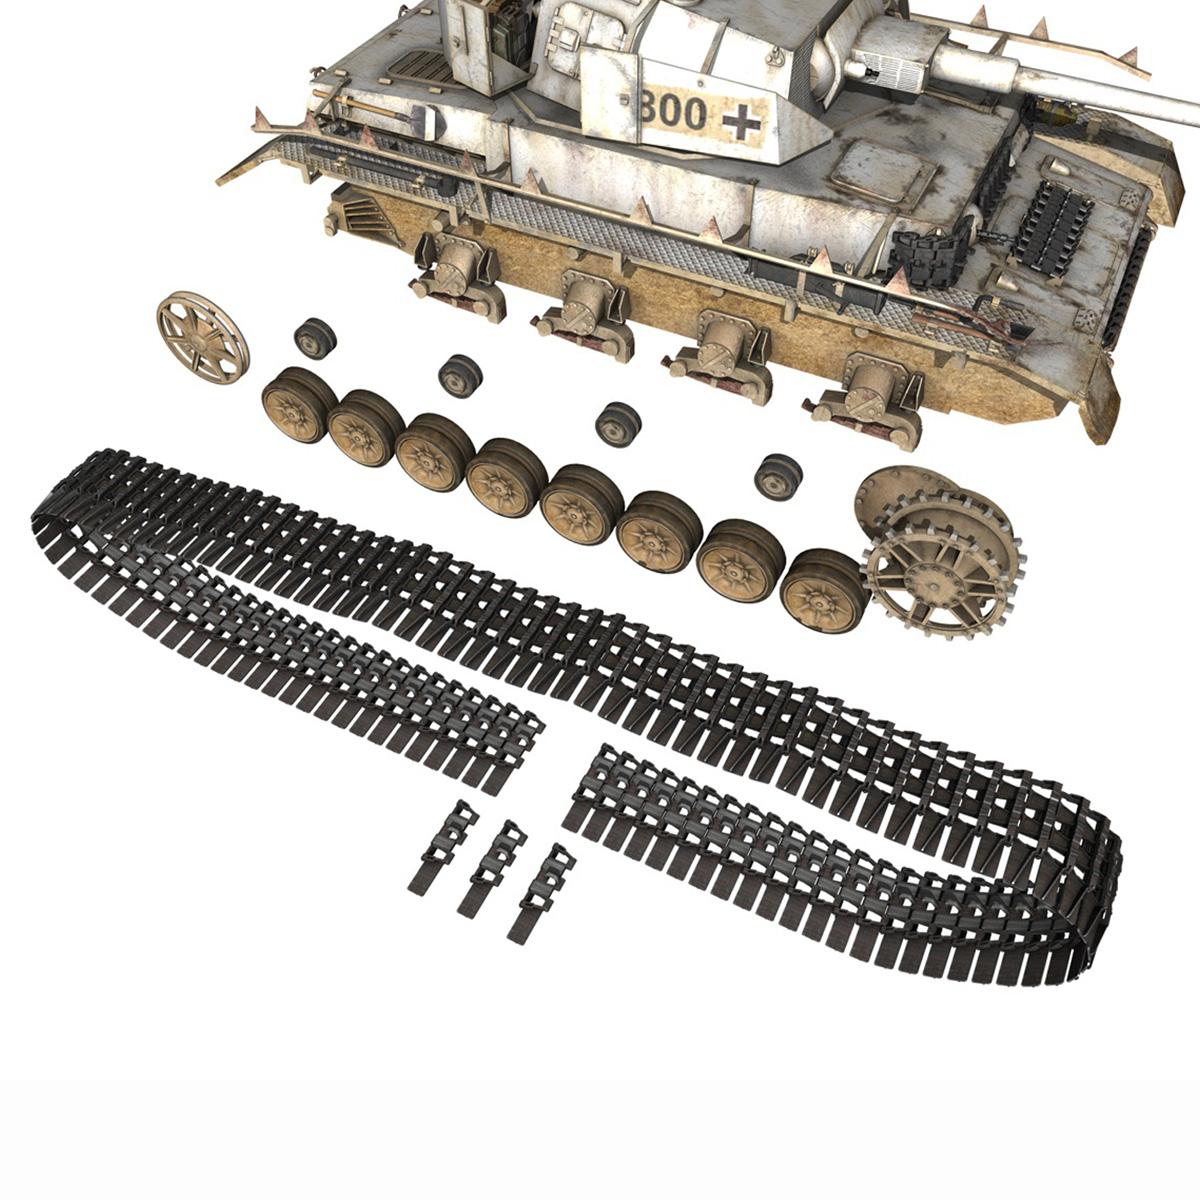 sd.kfz 161 – pzkpfw iv – panzer 4 – ausf.h winter 3d model 3ds fbx c4d lwo obj 191521